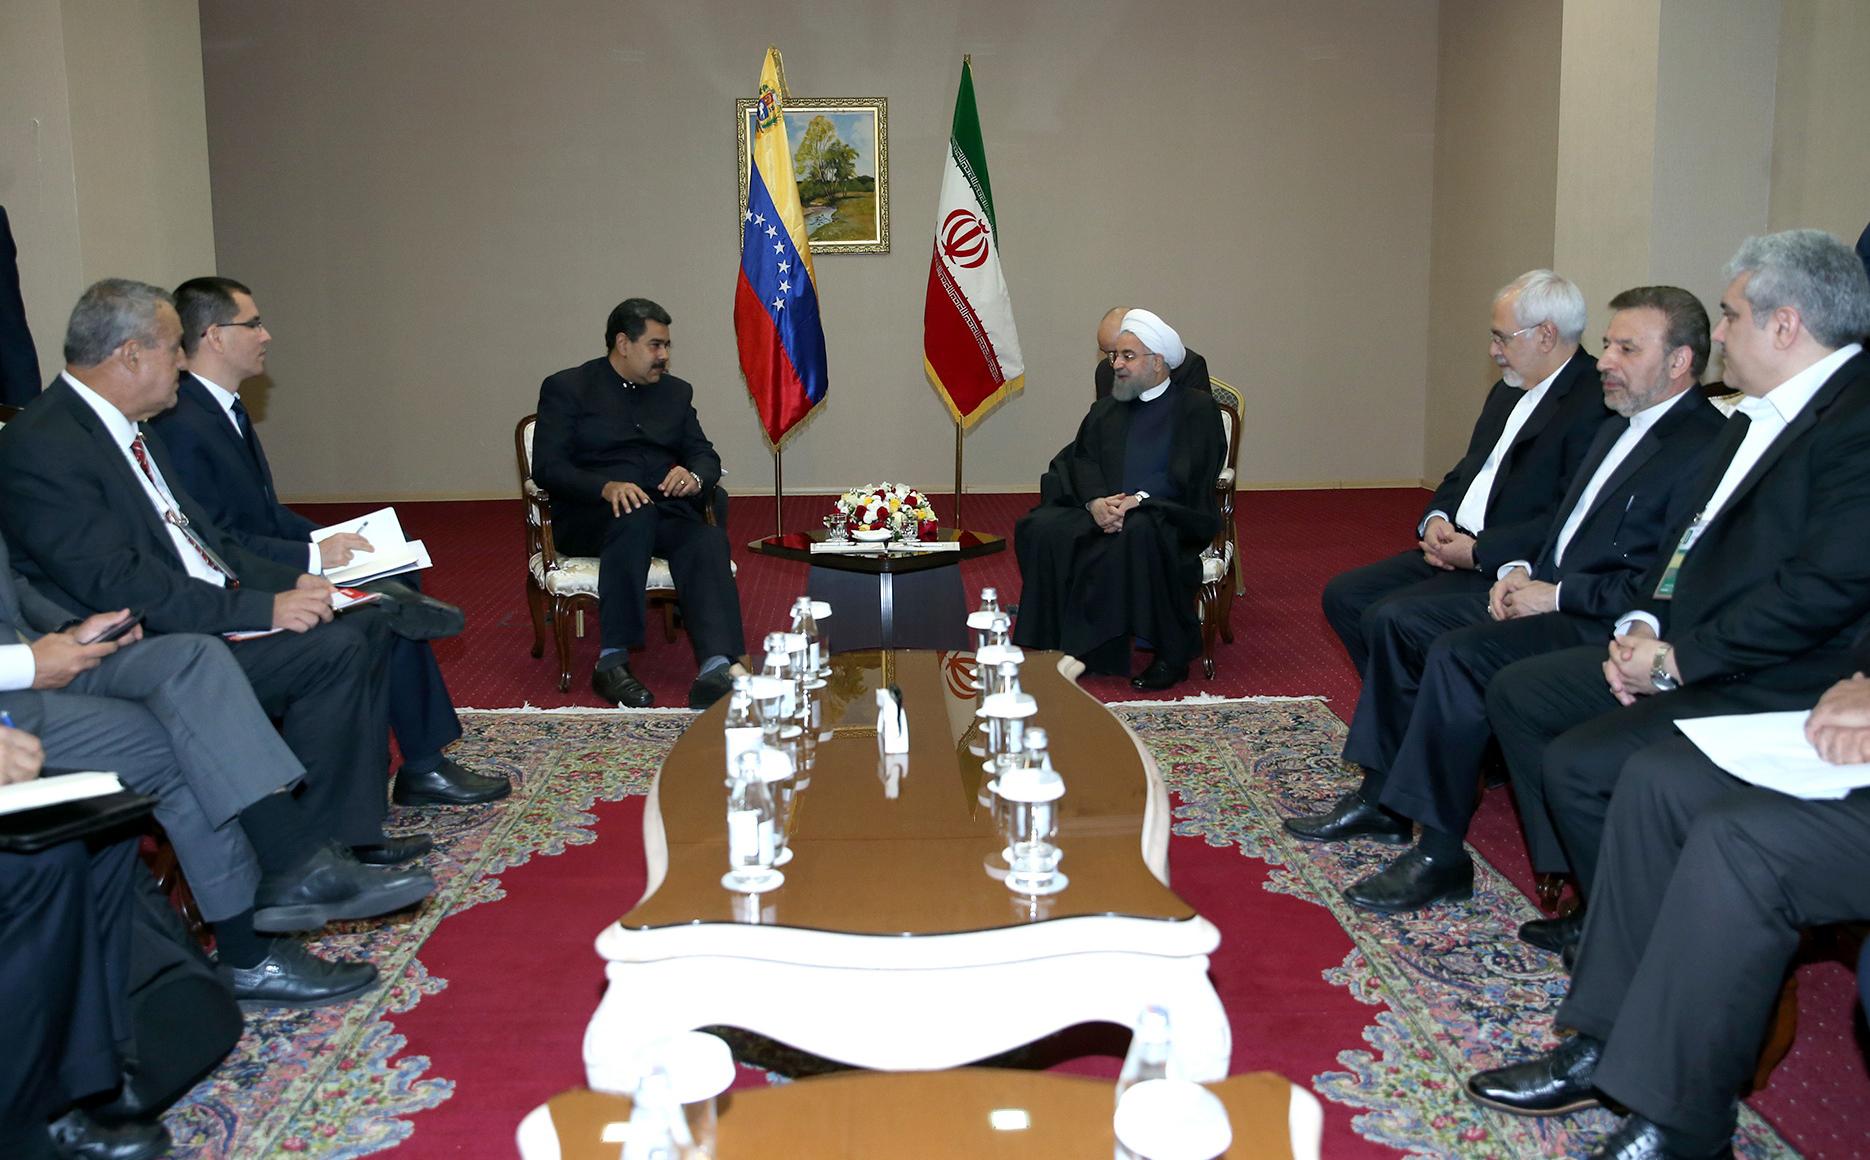 تداوم رایزنی میان کشورهای صادرکننده نفت ضروری است/تاکید بر توسعه روابط تهران – کاراکاس و برگزاری کمیسیون مشترک